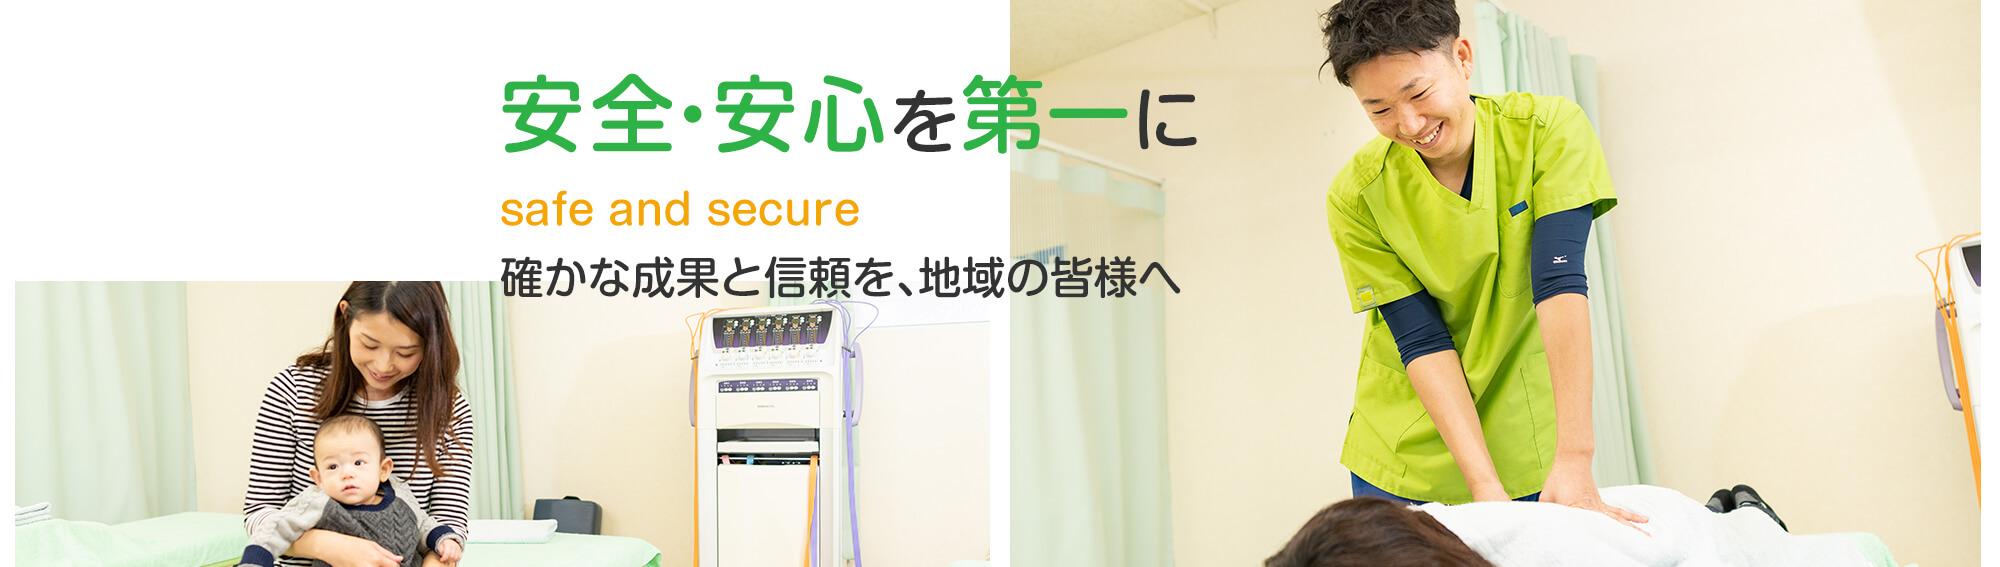 安全・安心を第一に safe and secure 確かな成果と信頼を、地域の皆様へ